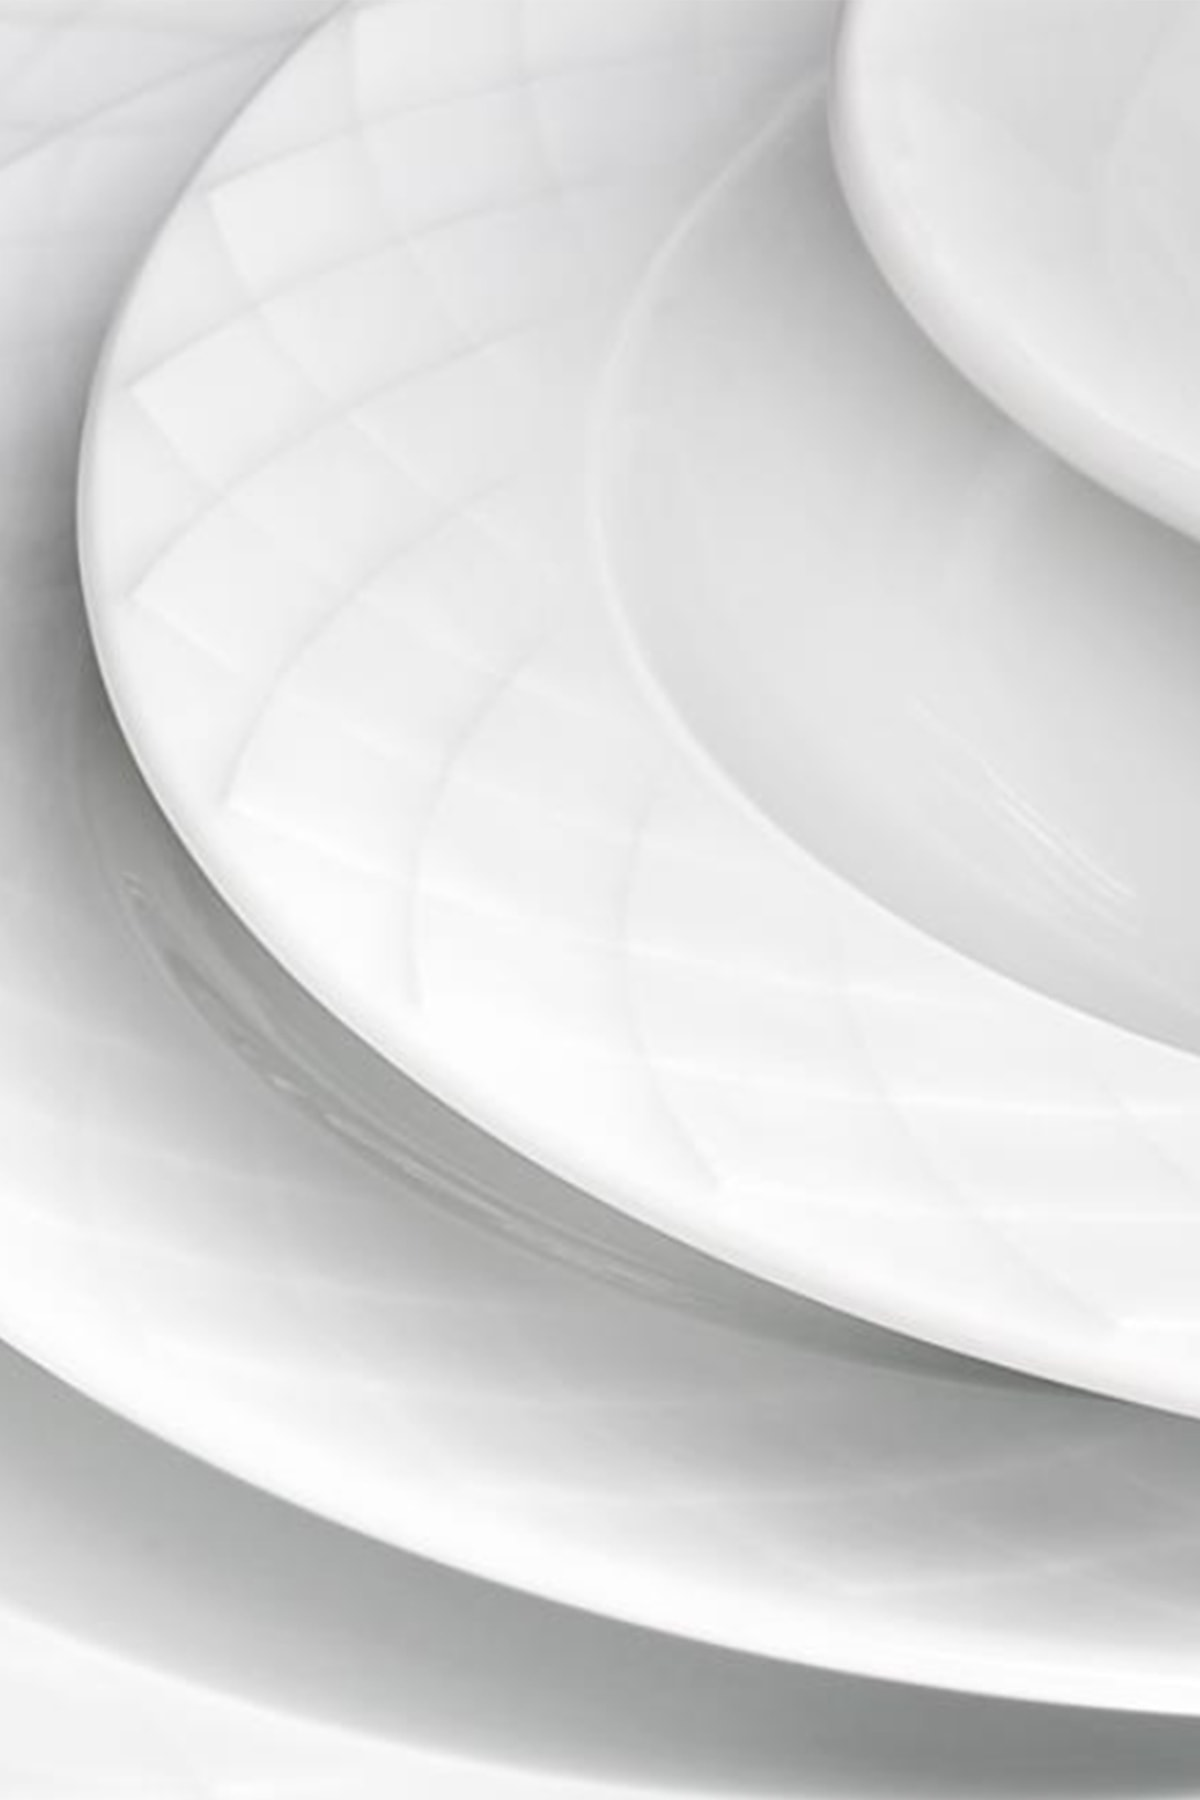 Zem Vague 12 Kişilik 36 Parça Porselen Yemek Takımı 2